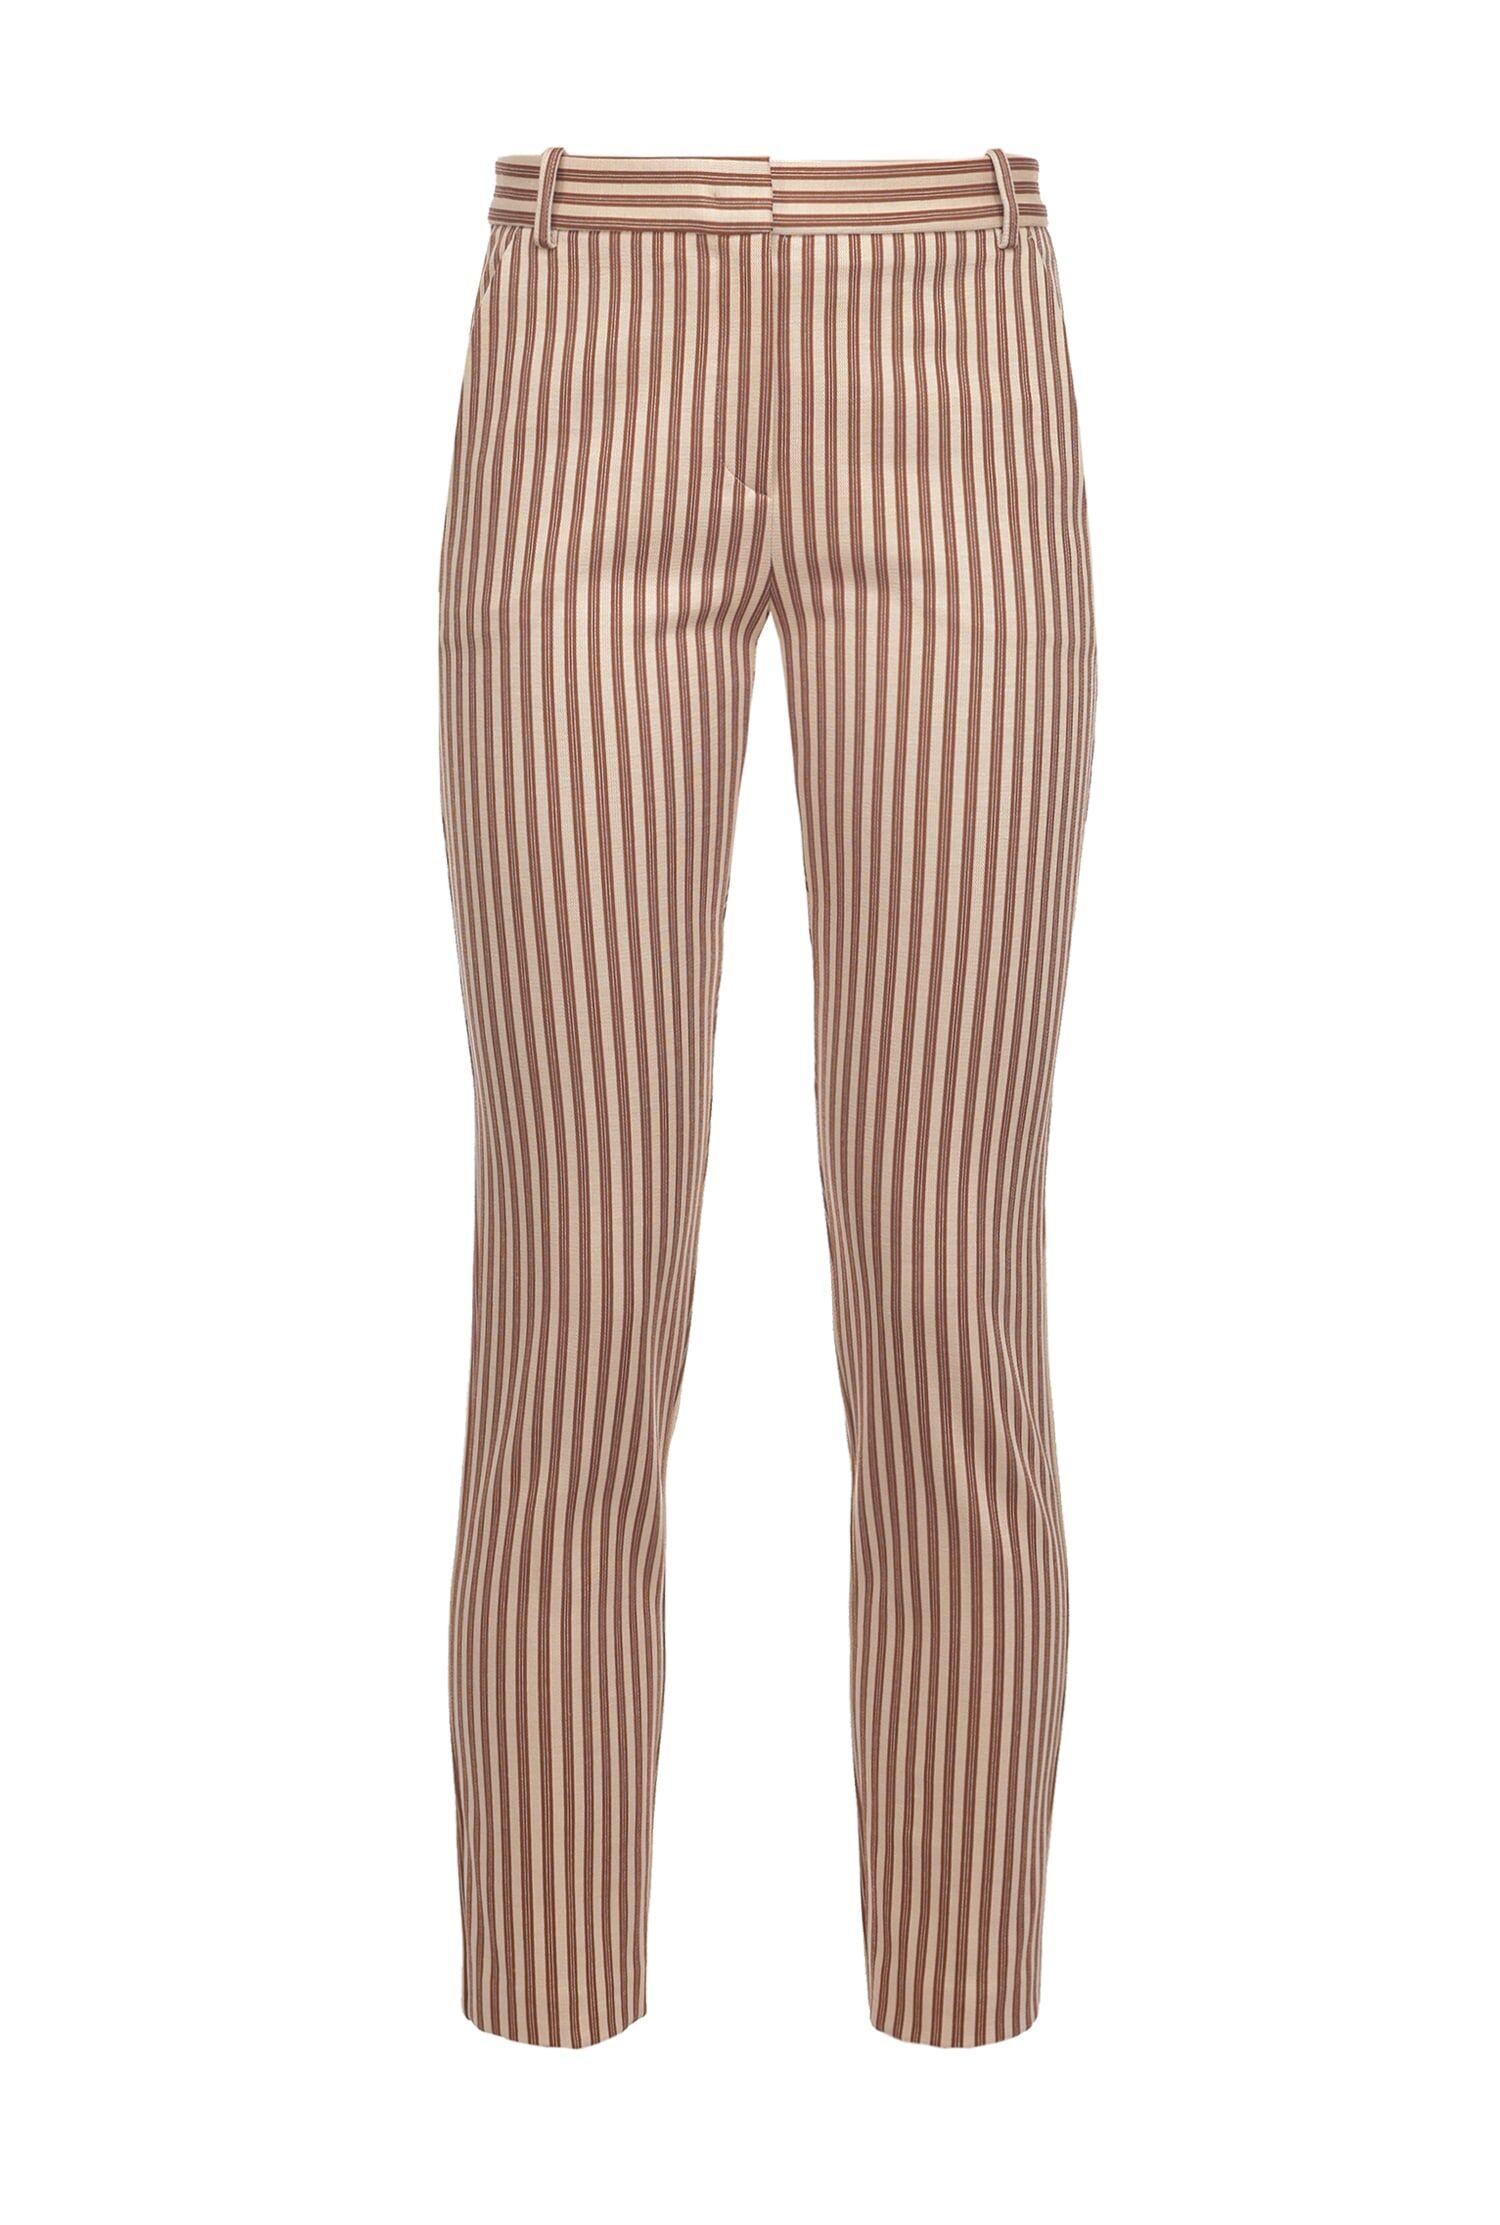 Pantaloni Cigarette-Fit A Righe - Pinko